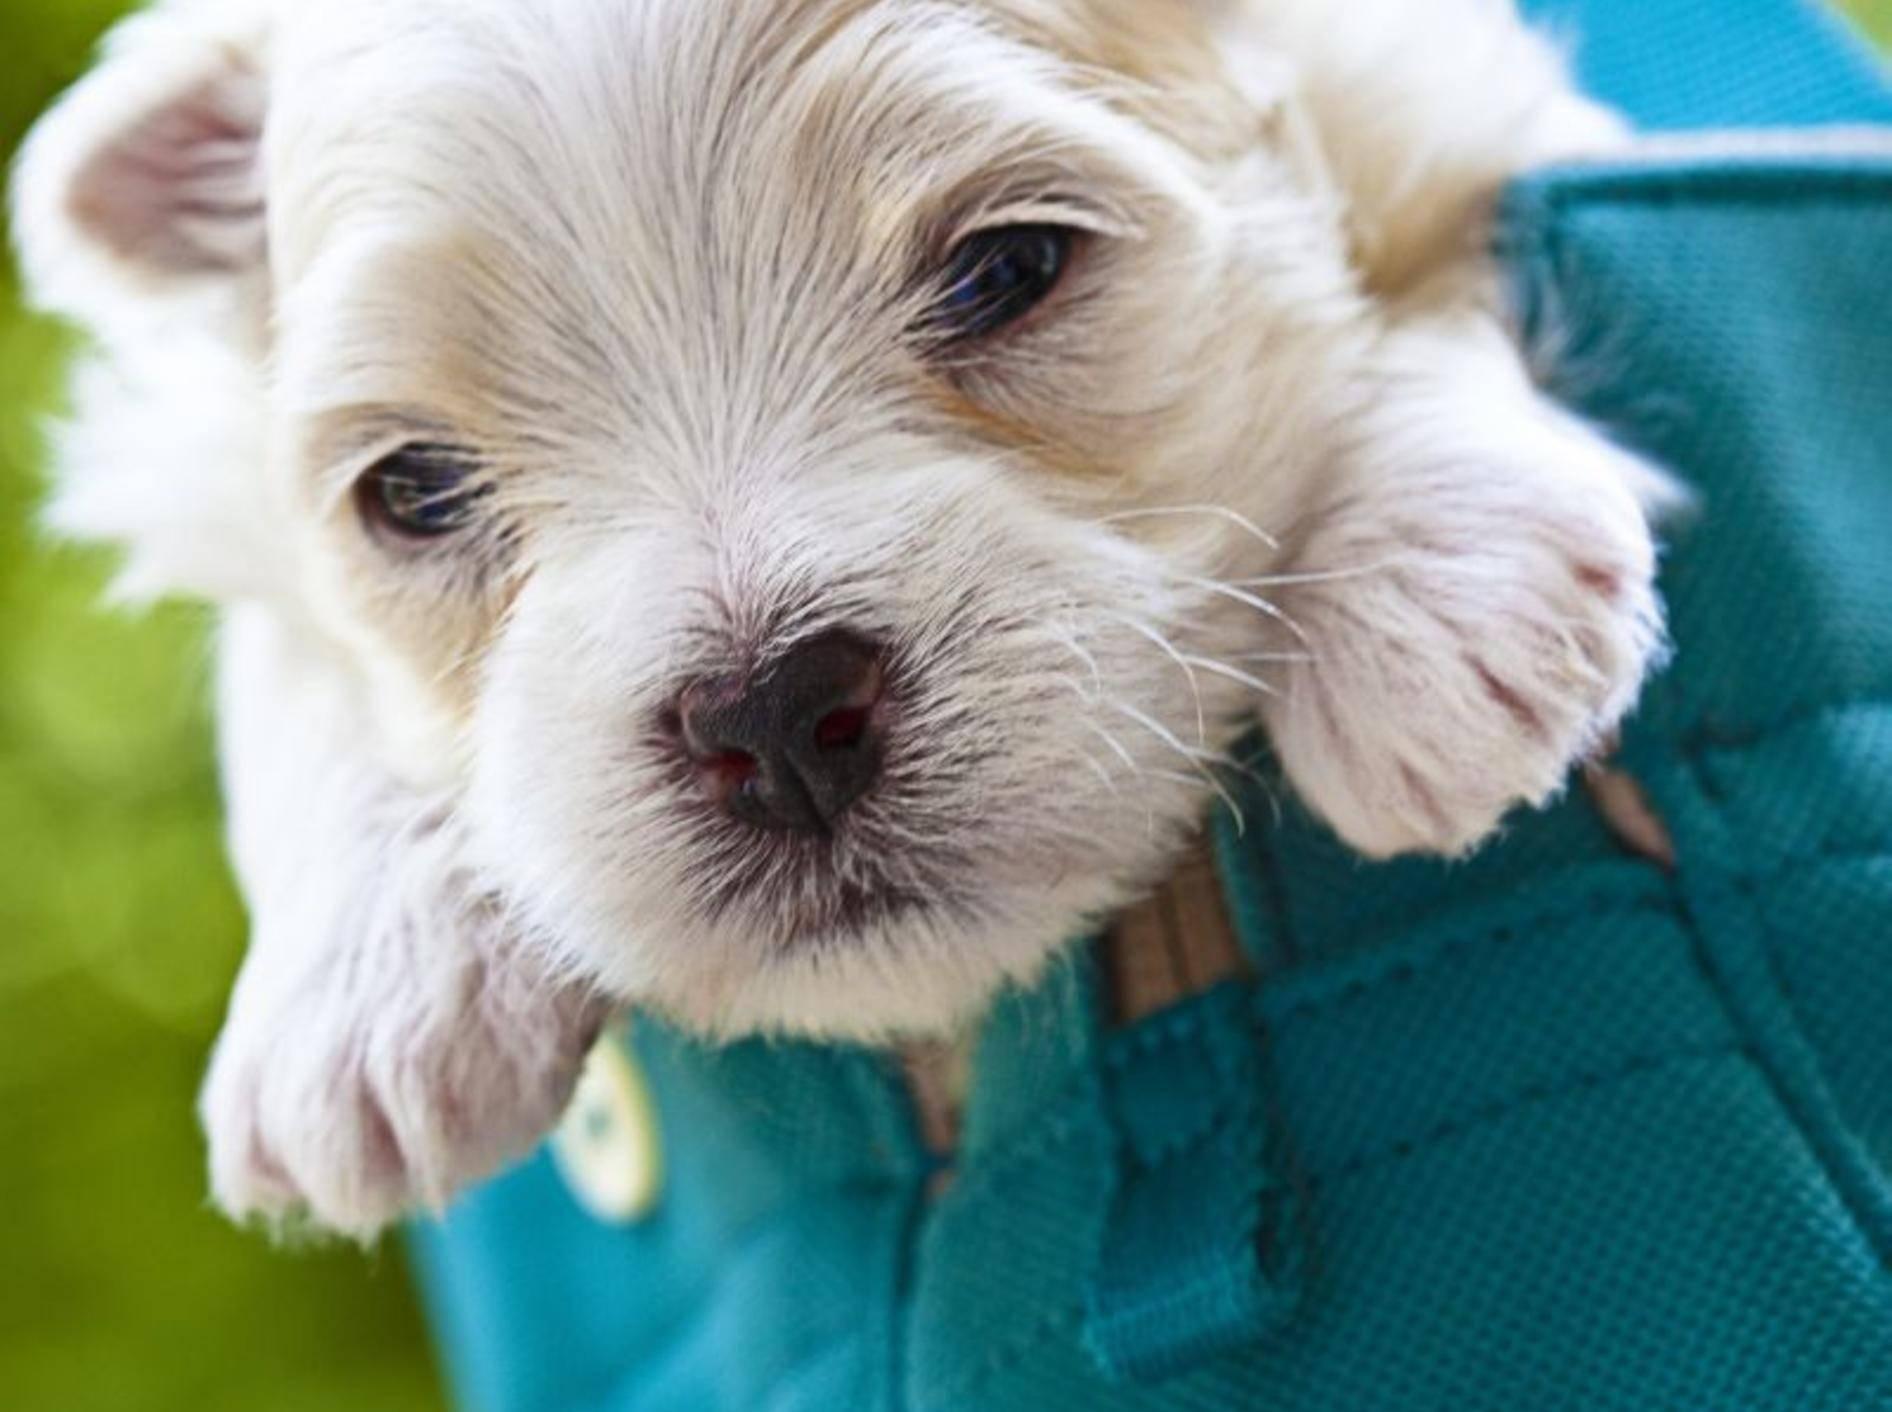 Der Malteser Hund: Ein lieber kleiner Kerl – Bild: Shutterstock / TheLionRoar